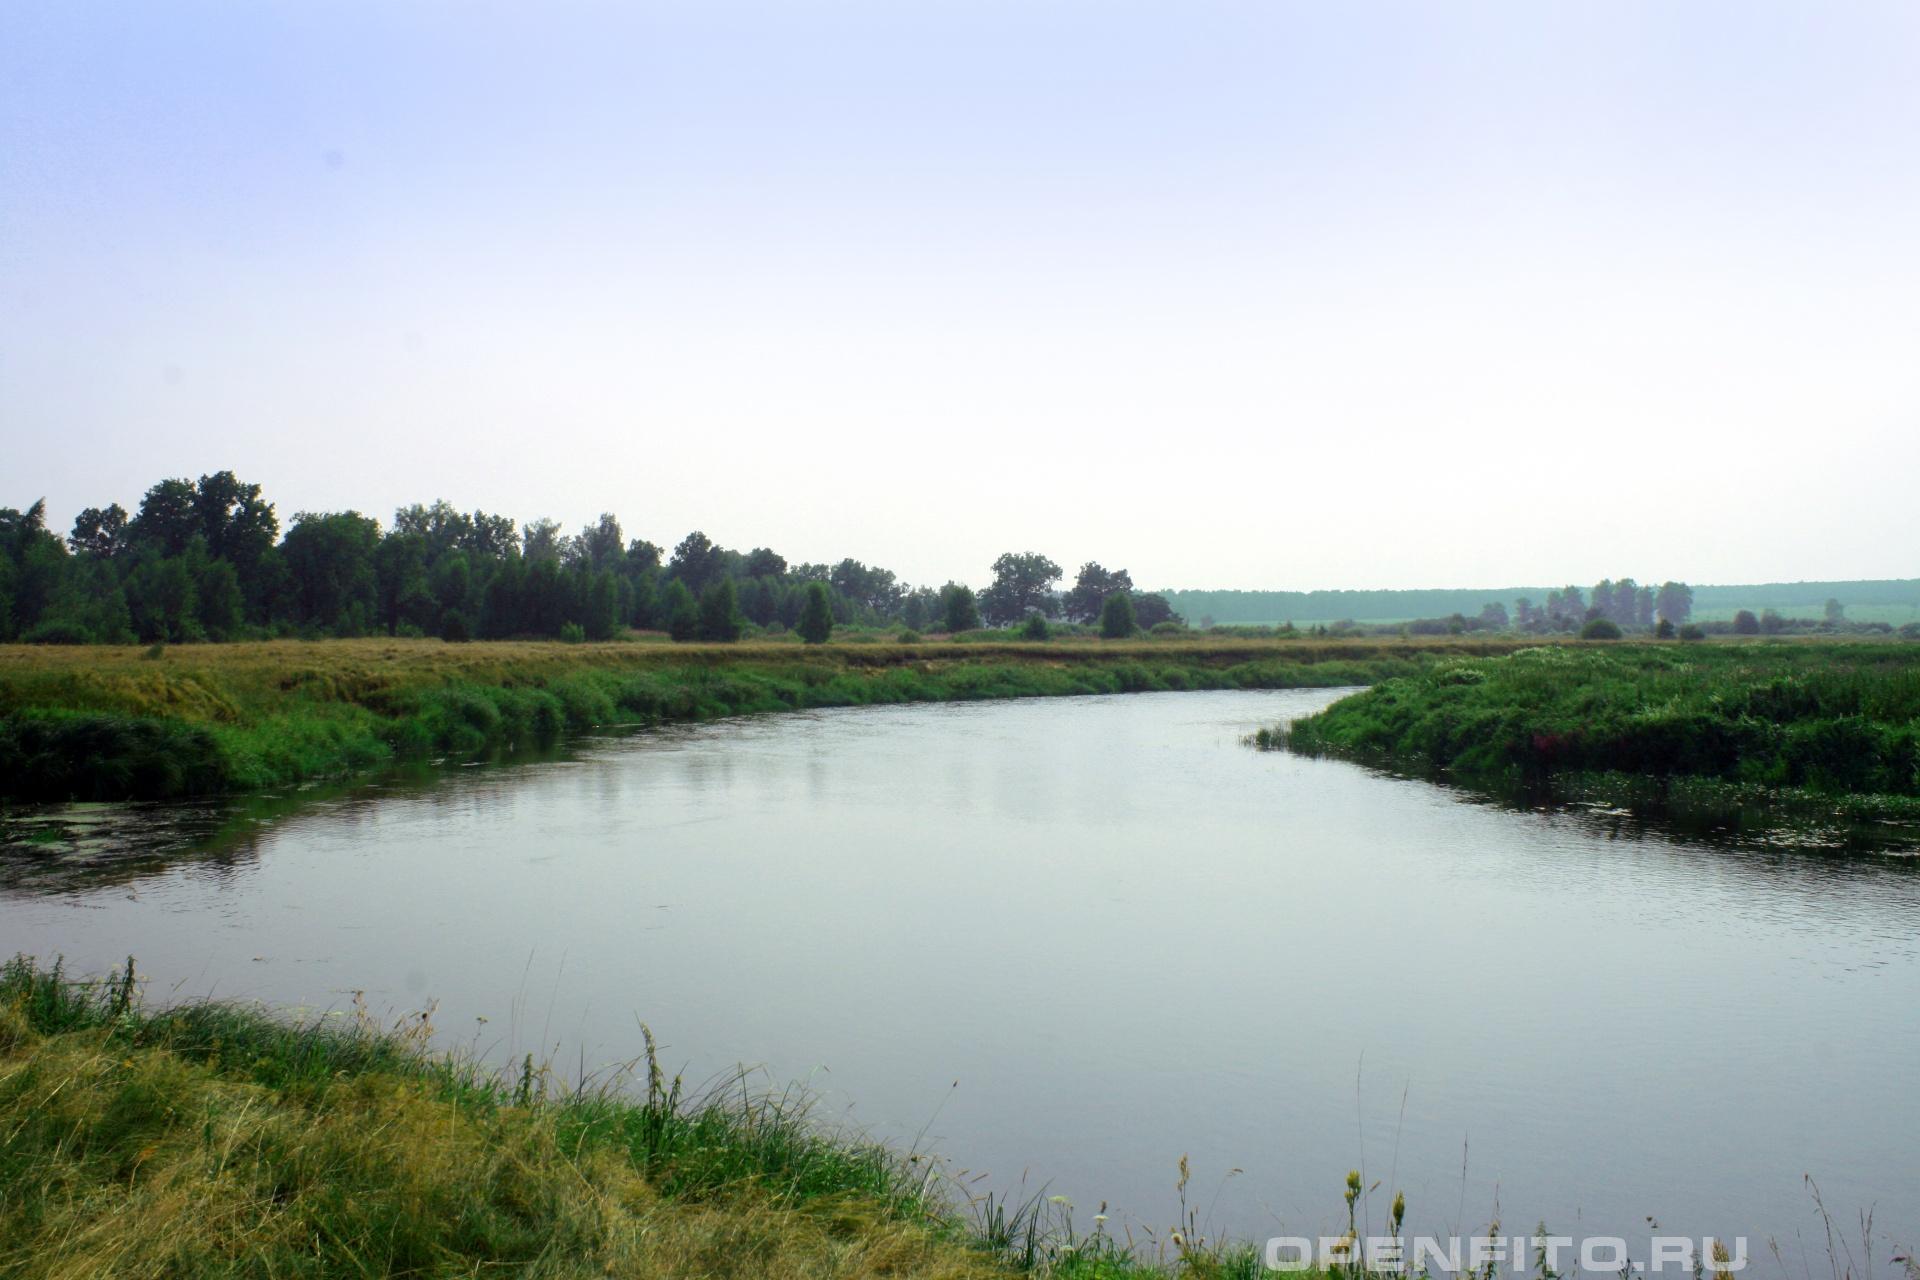 Река Уводь село Меховицы Савинского района Ивановской области